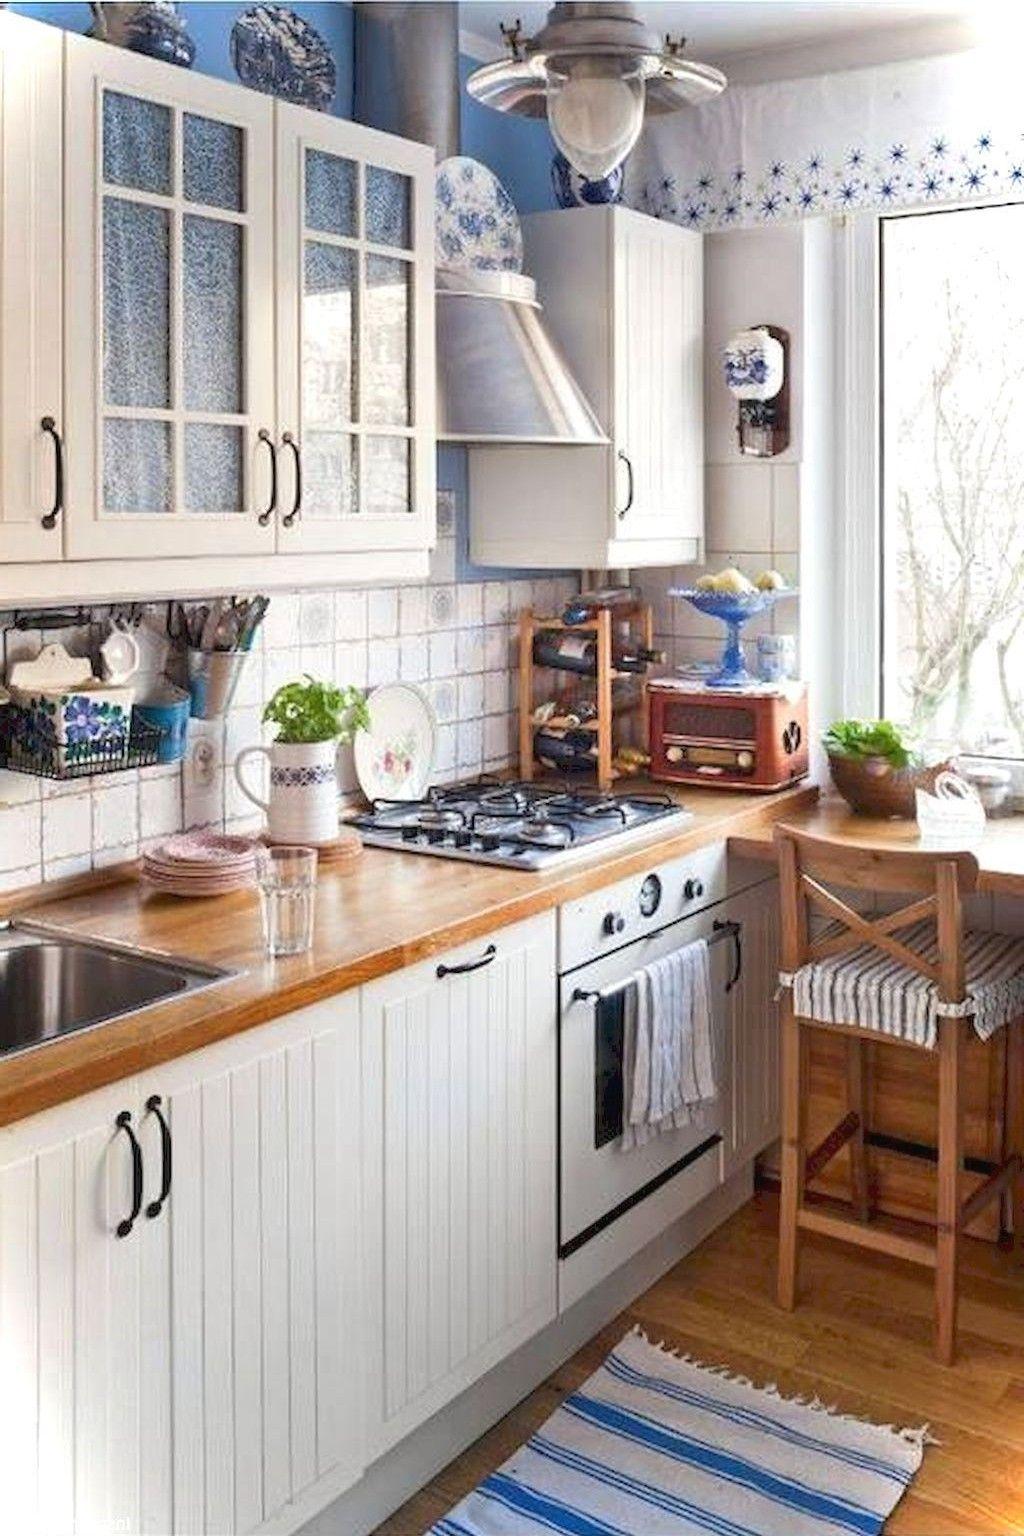 55 Genius Small Cottage Kitchen Design Ideas Small Cottage Kitchen Cottage Kitchen Design Kitchen Design Trends